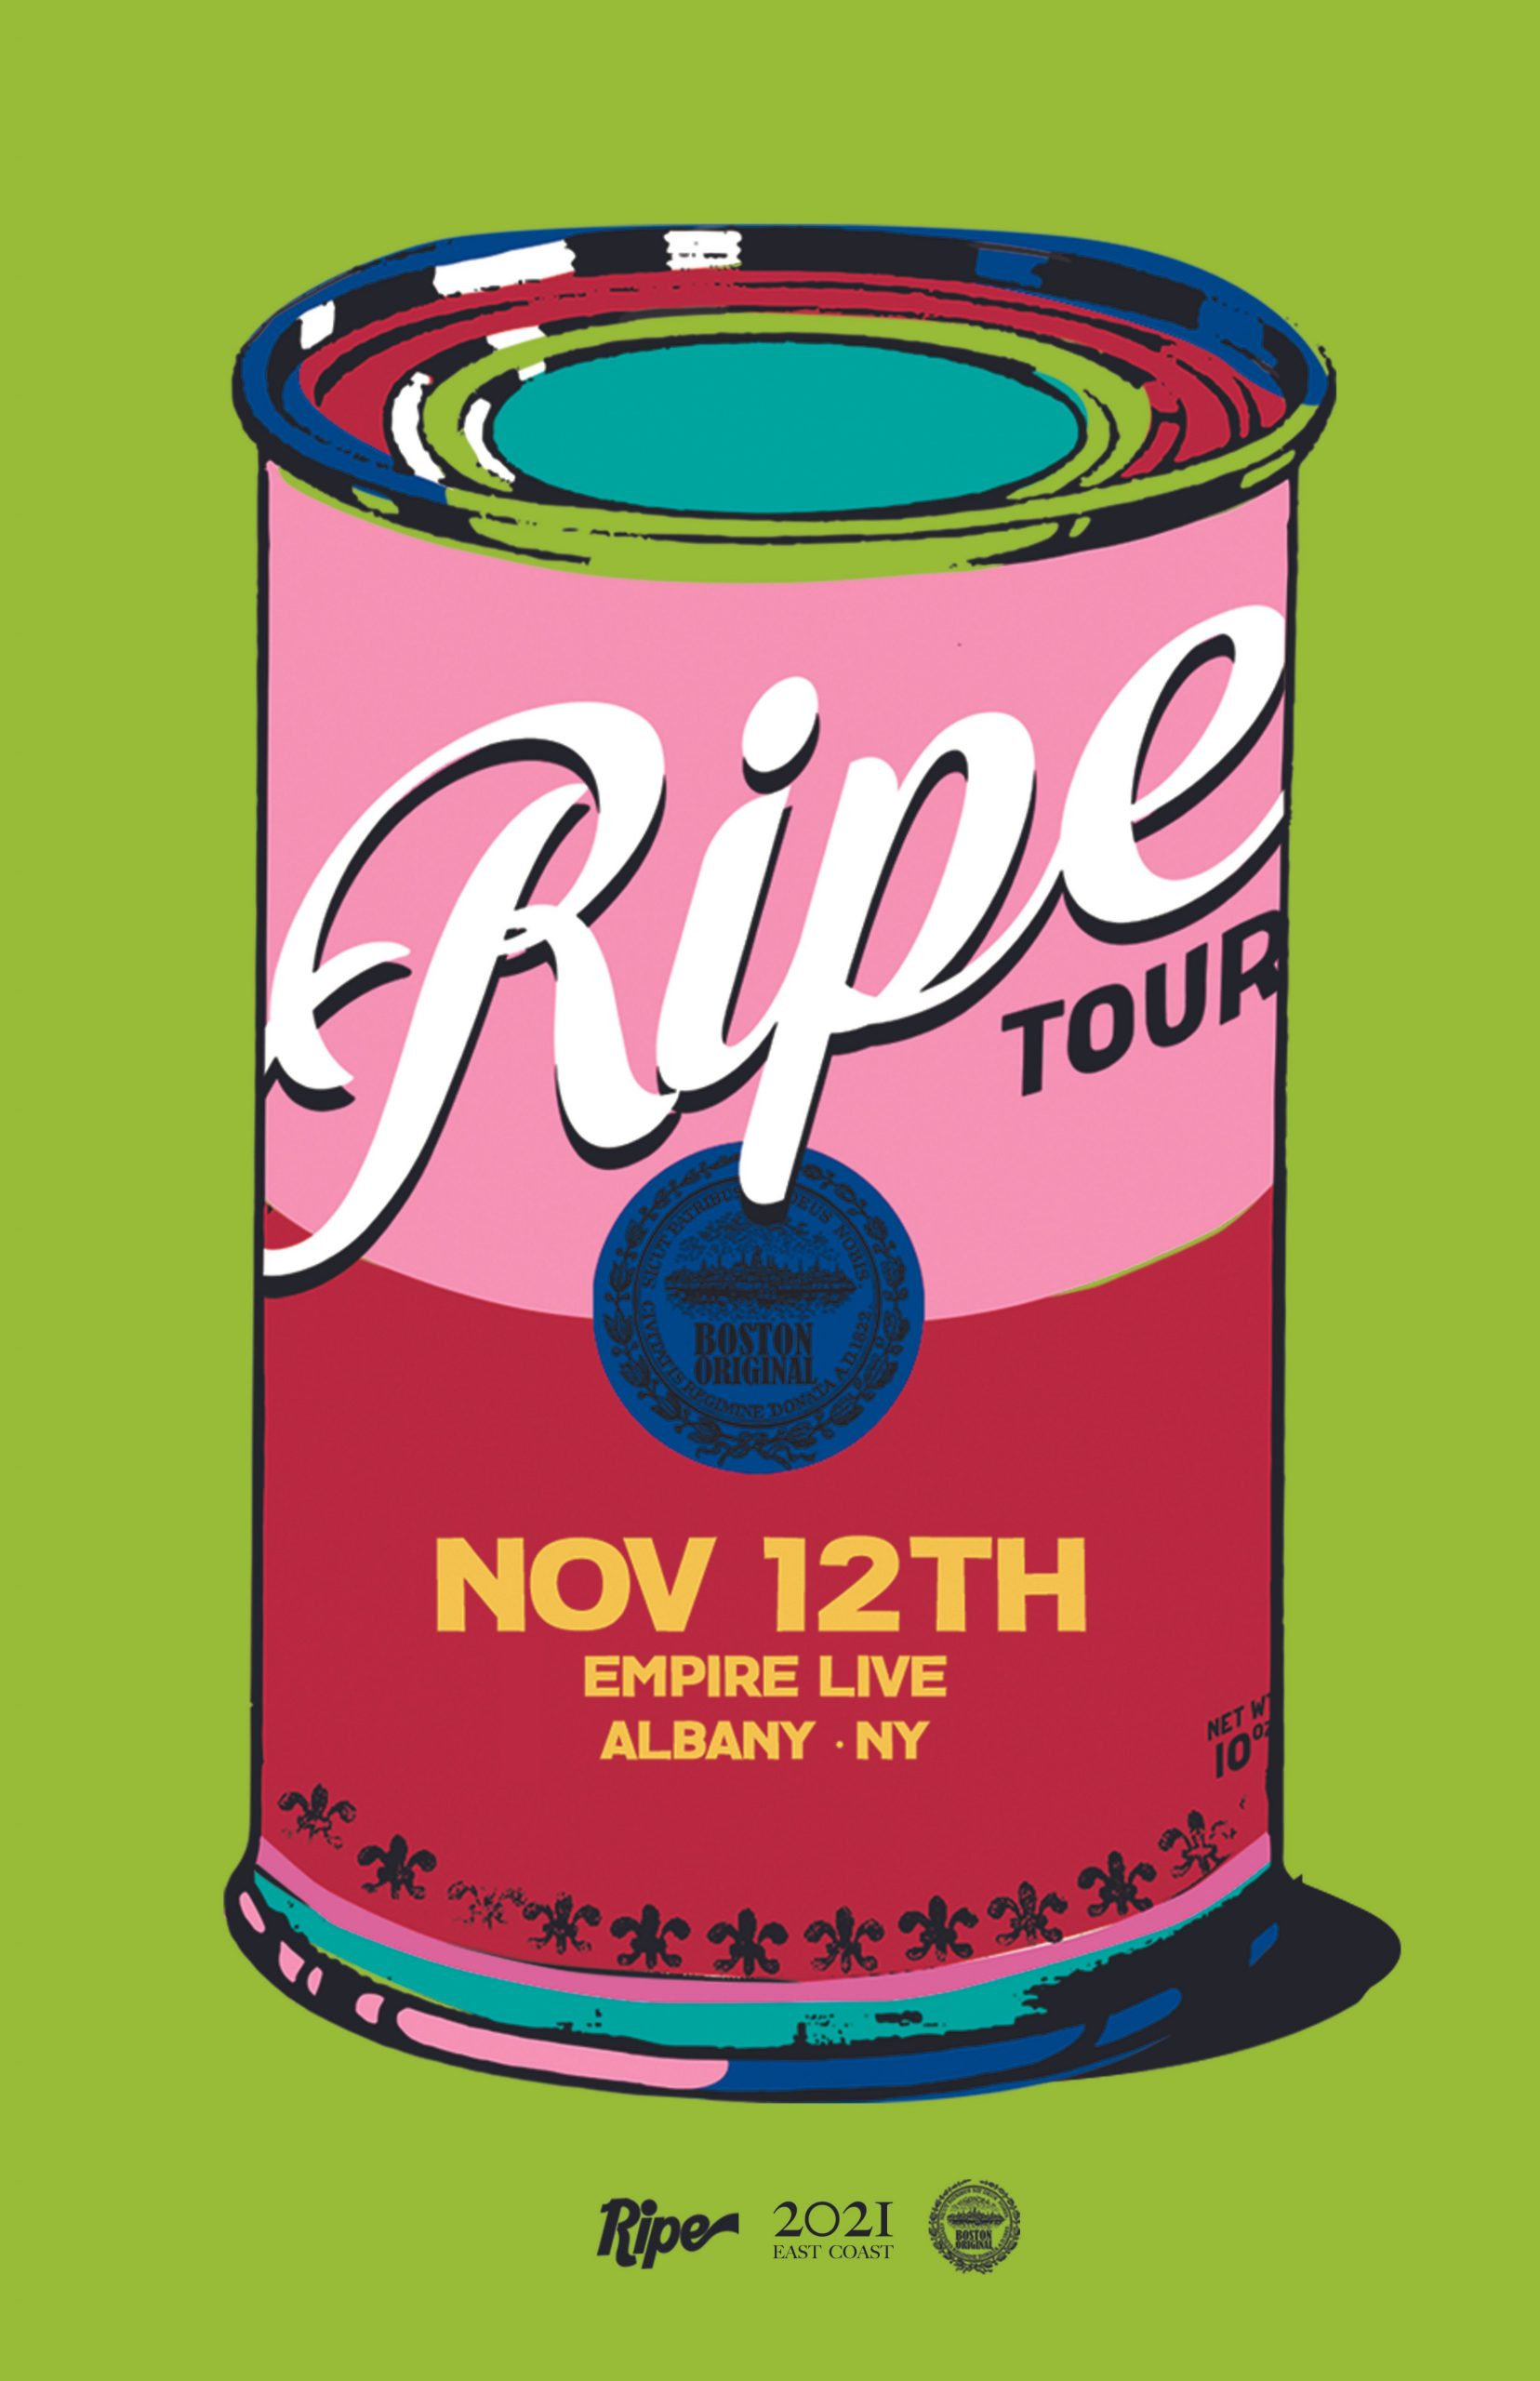 Ripe Empire Live